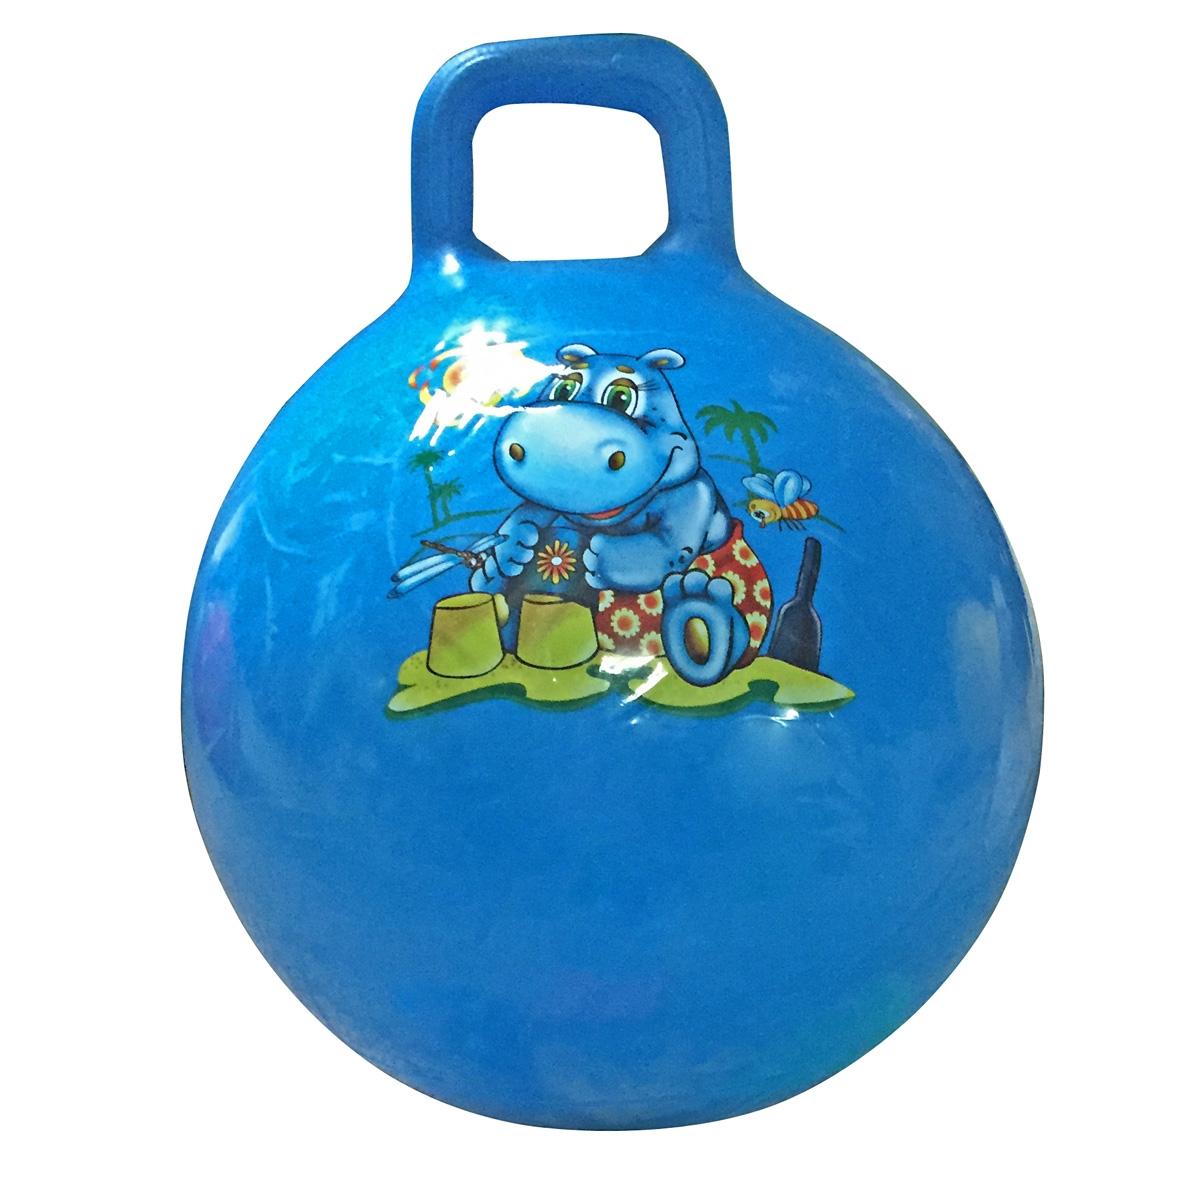 Детские мячи и прыгуны Veld Co 48276